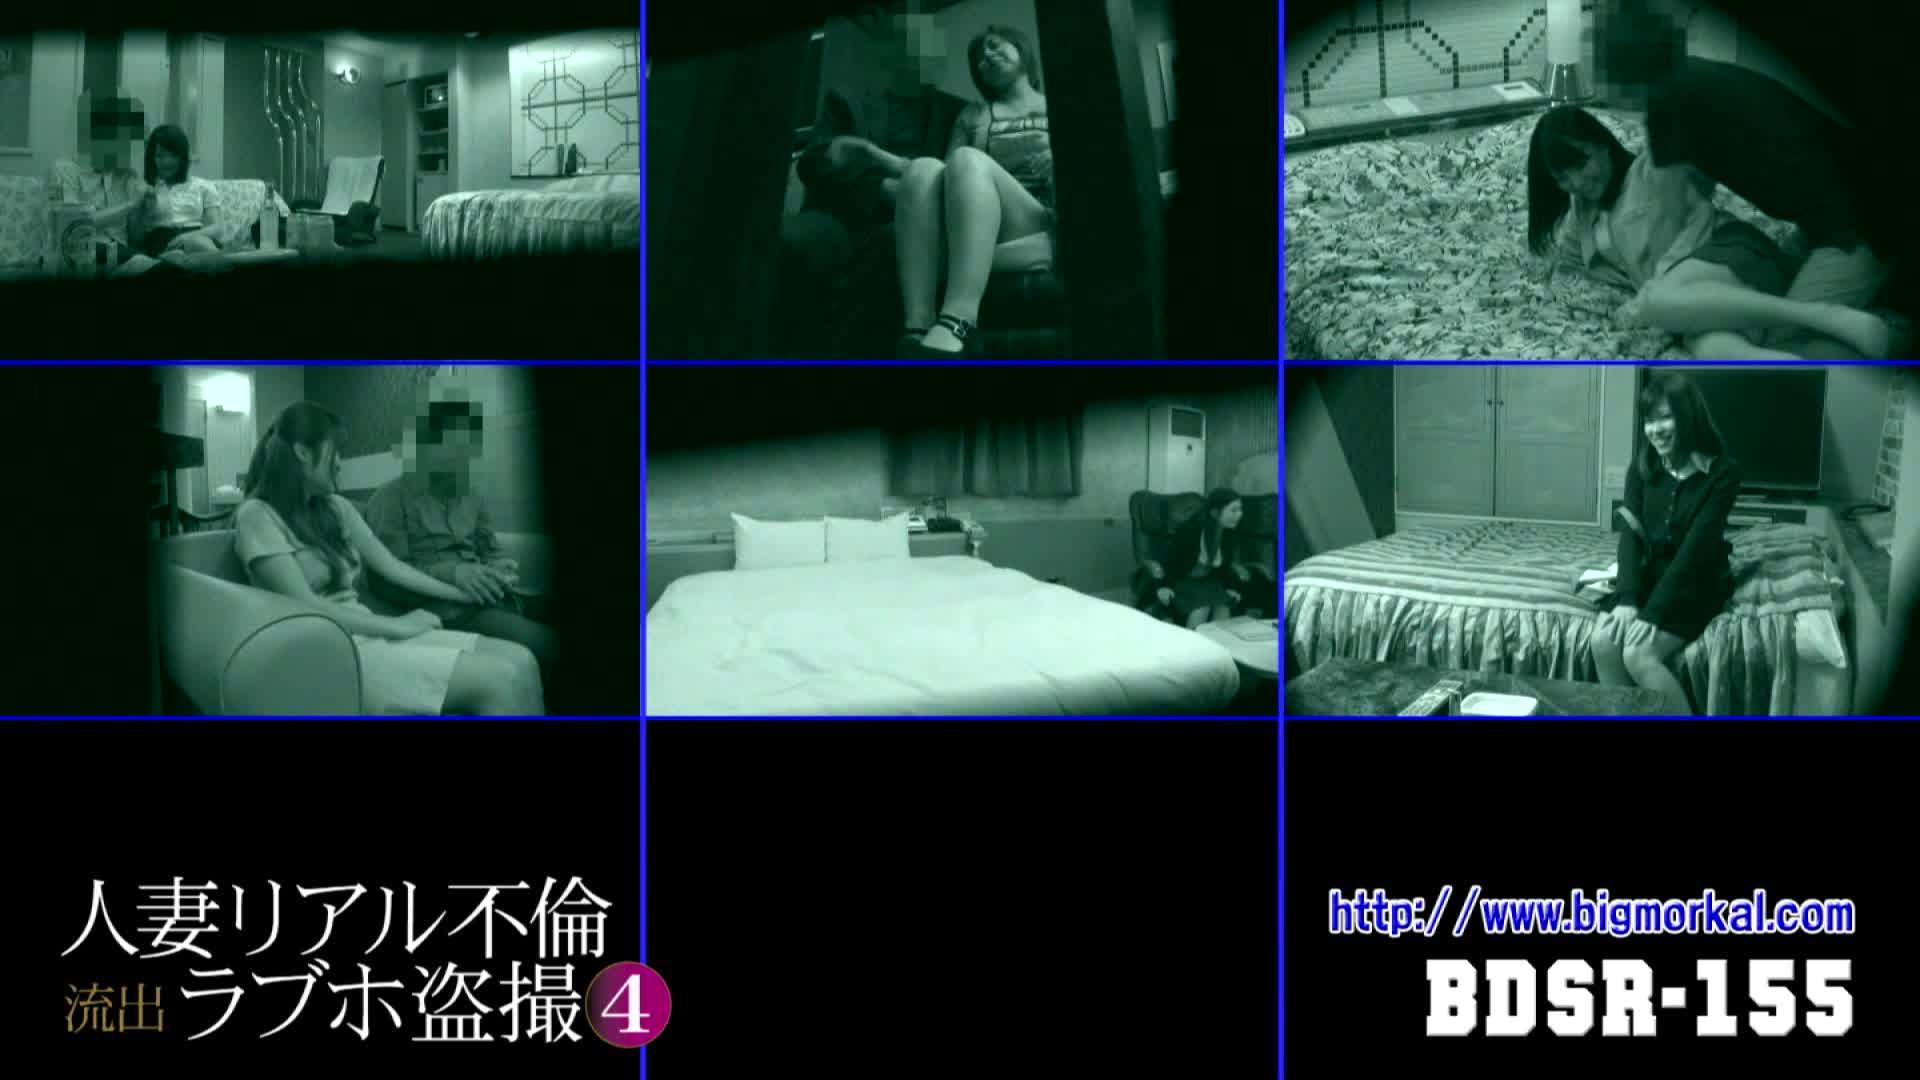 HOTELカンケイ者が仕掛けたカメラに写っていたウワキカップルのSEXを覗き見☆☆[ウワキ/ヒトヅマ/流出]